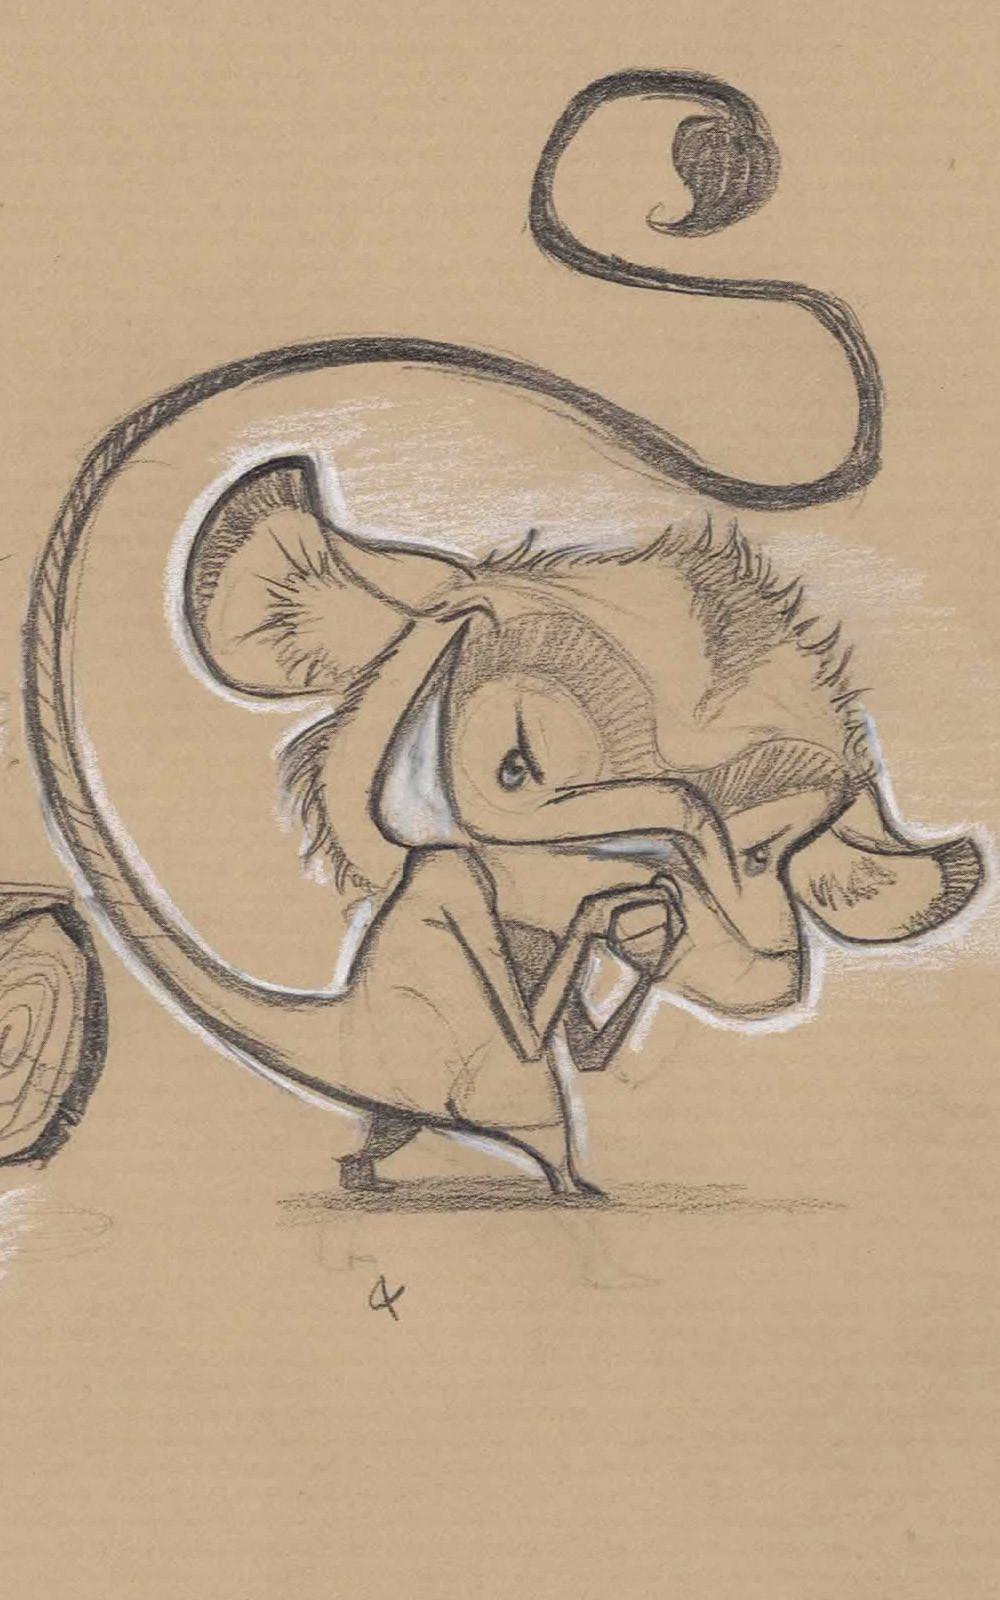 critter Smile negative 5 sketch